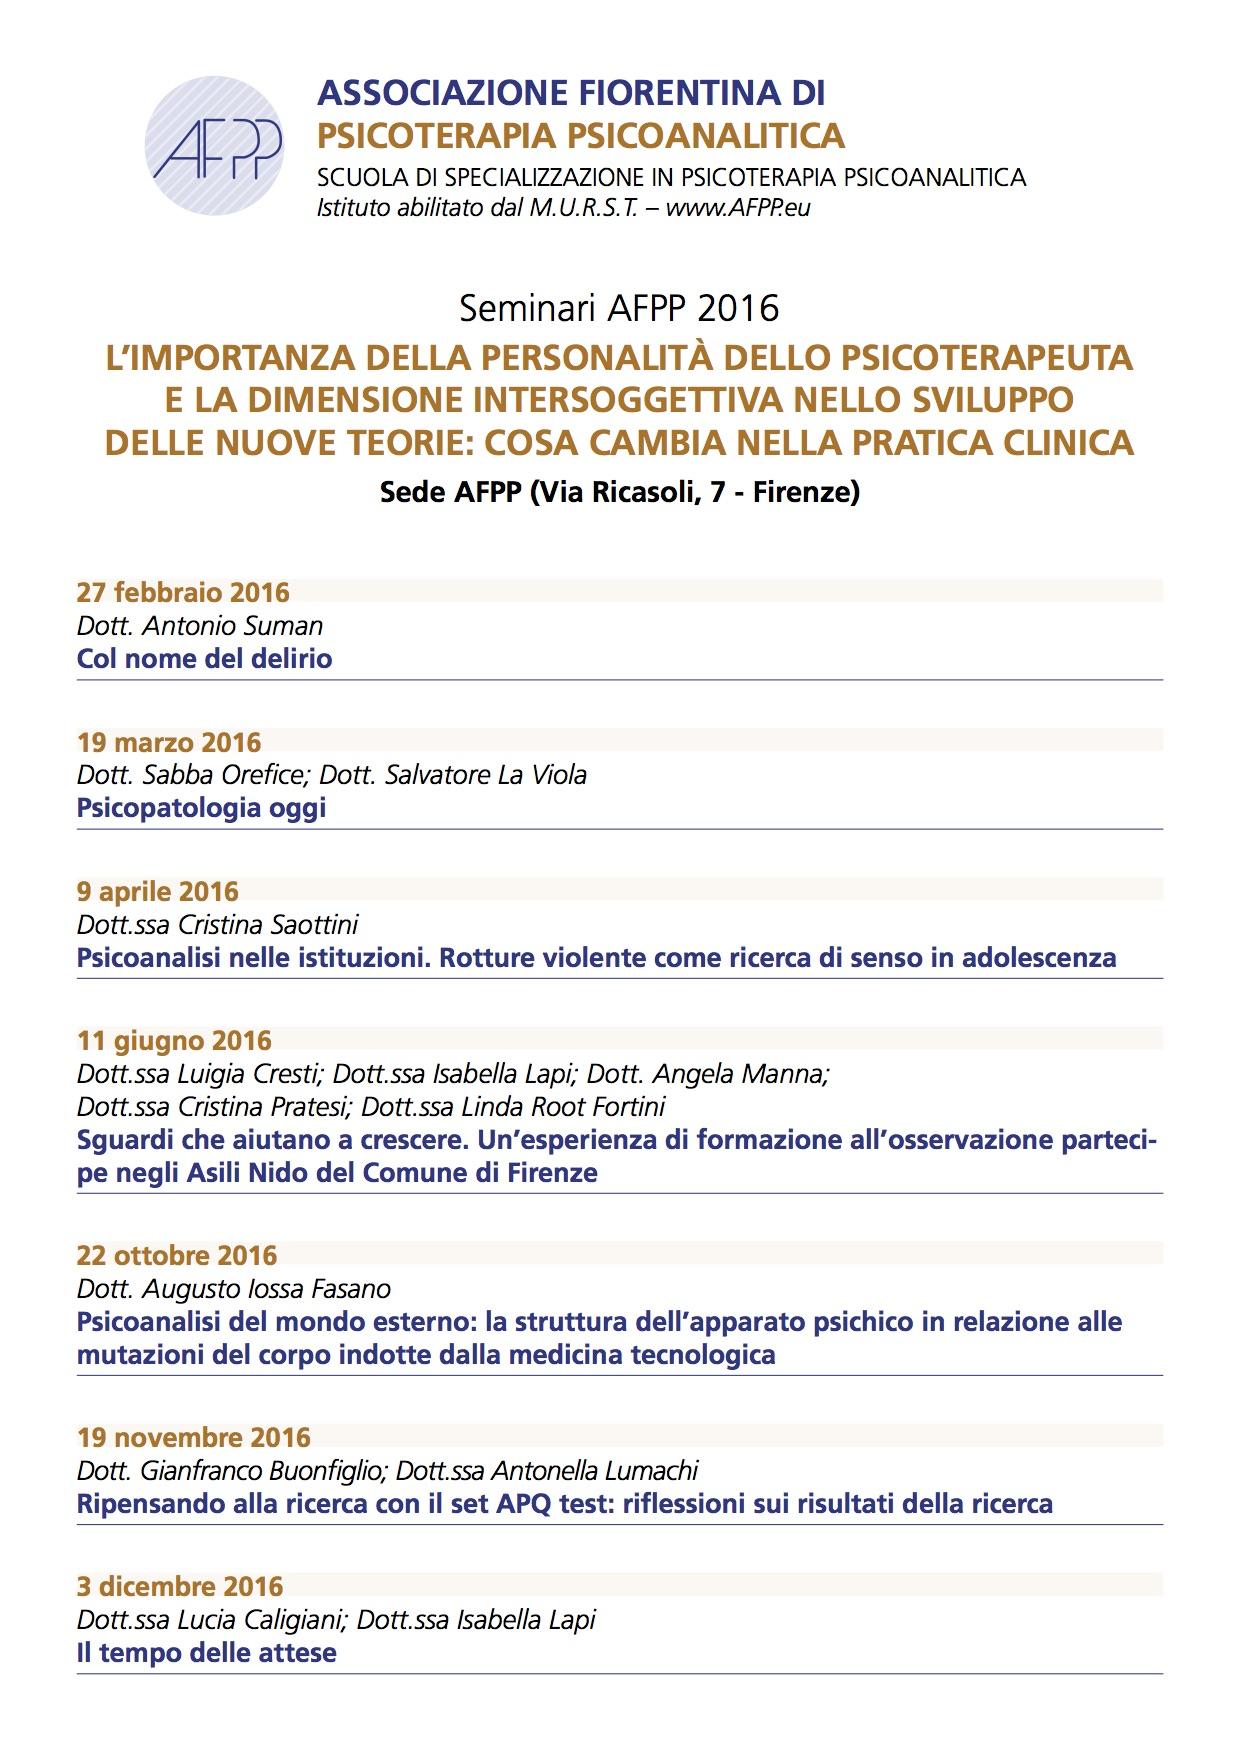 Seminari AFPP 2016